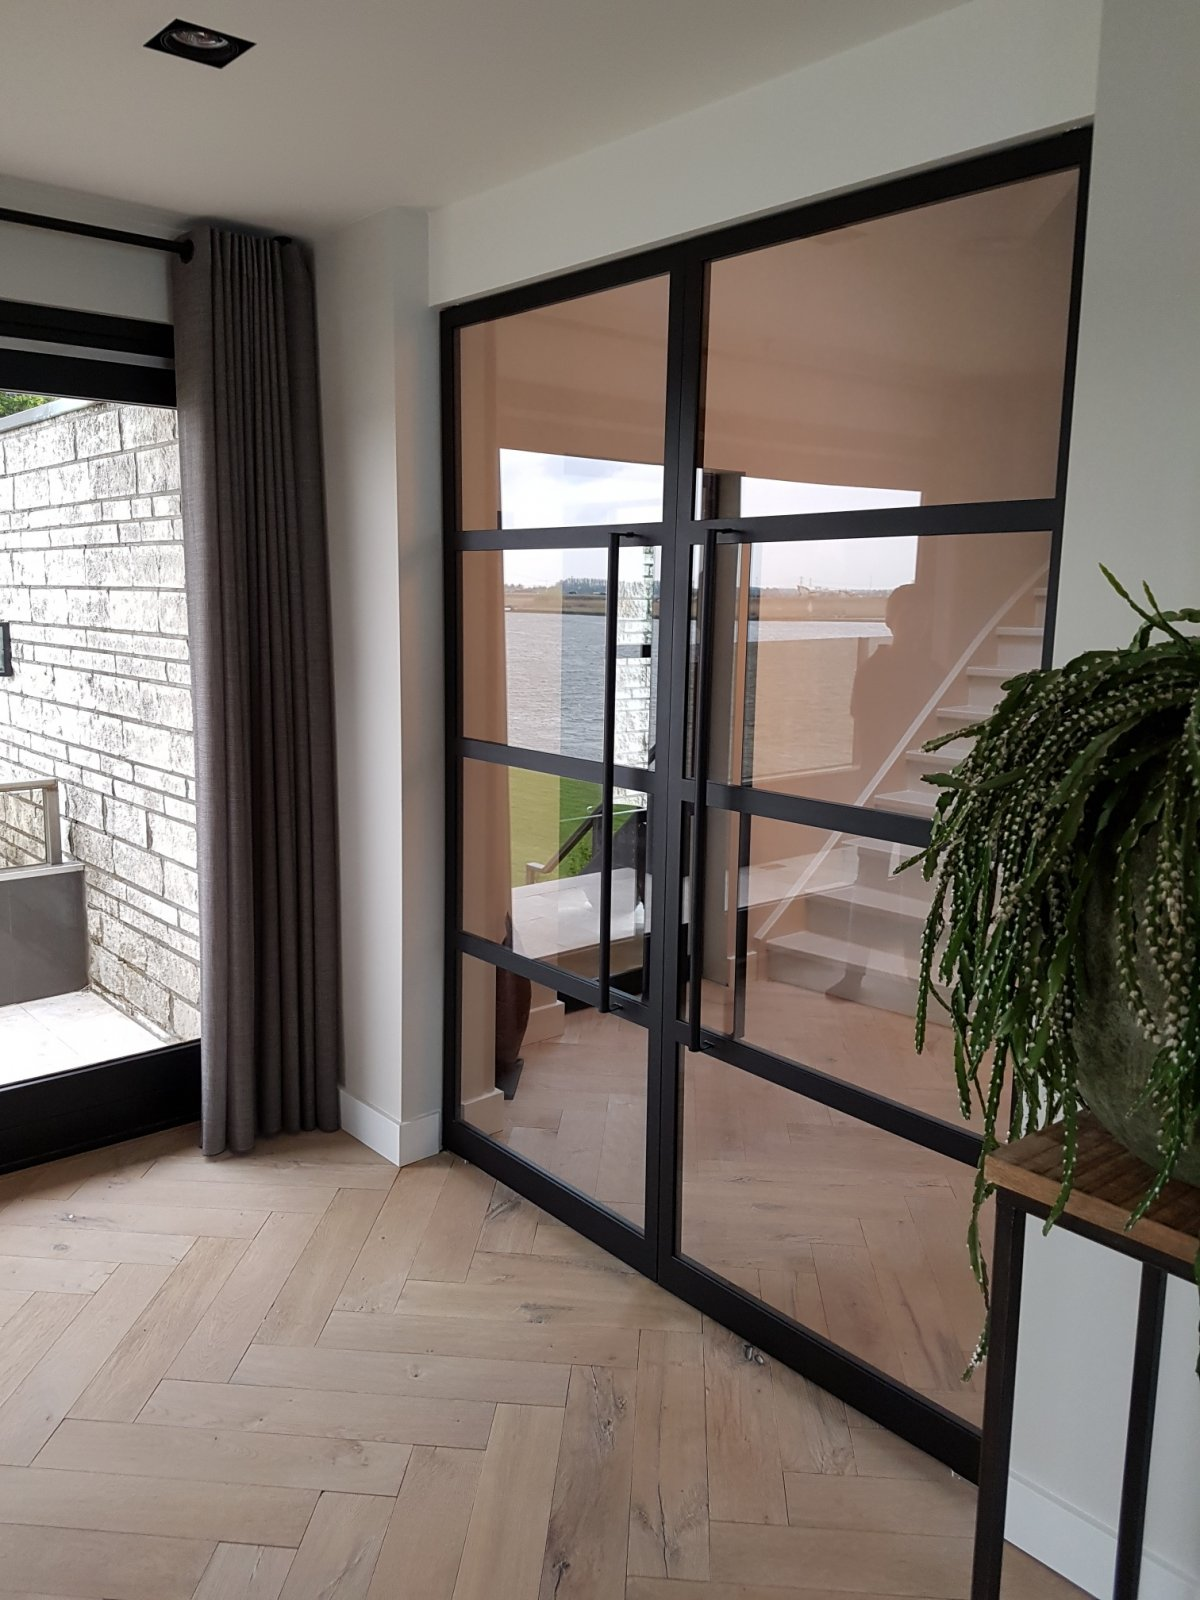 Fabulous Dubbele binnendeuren met glas? #OE48